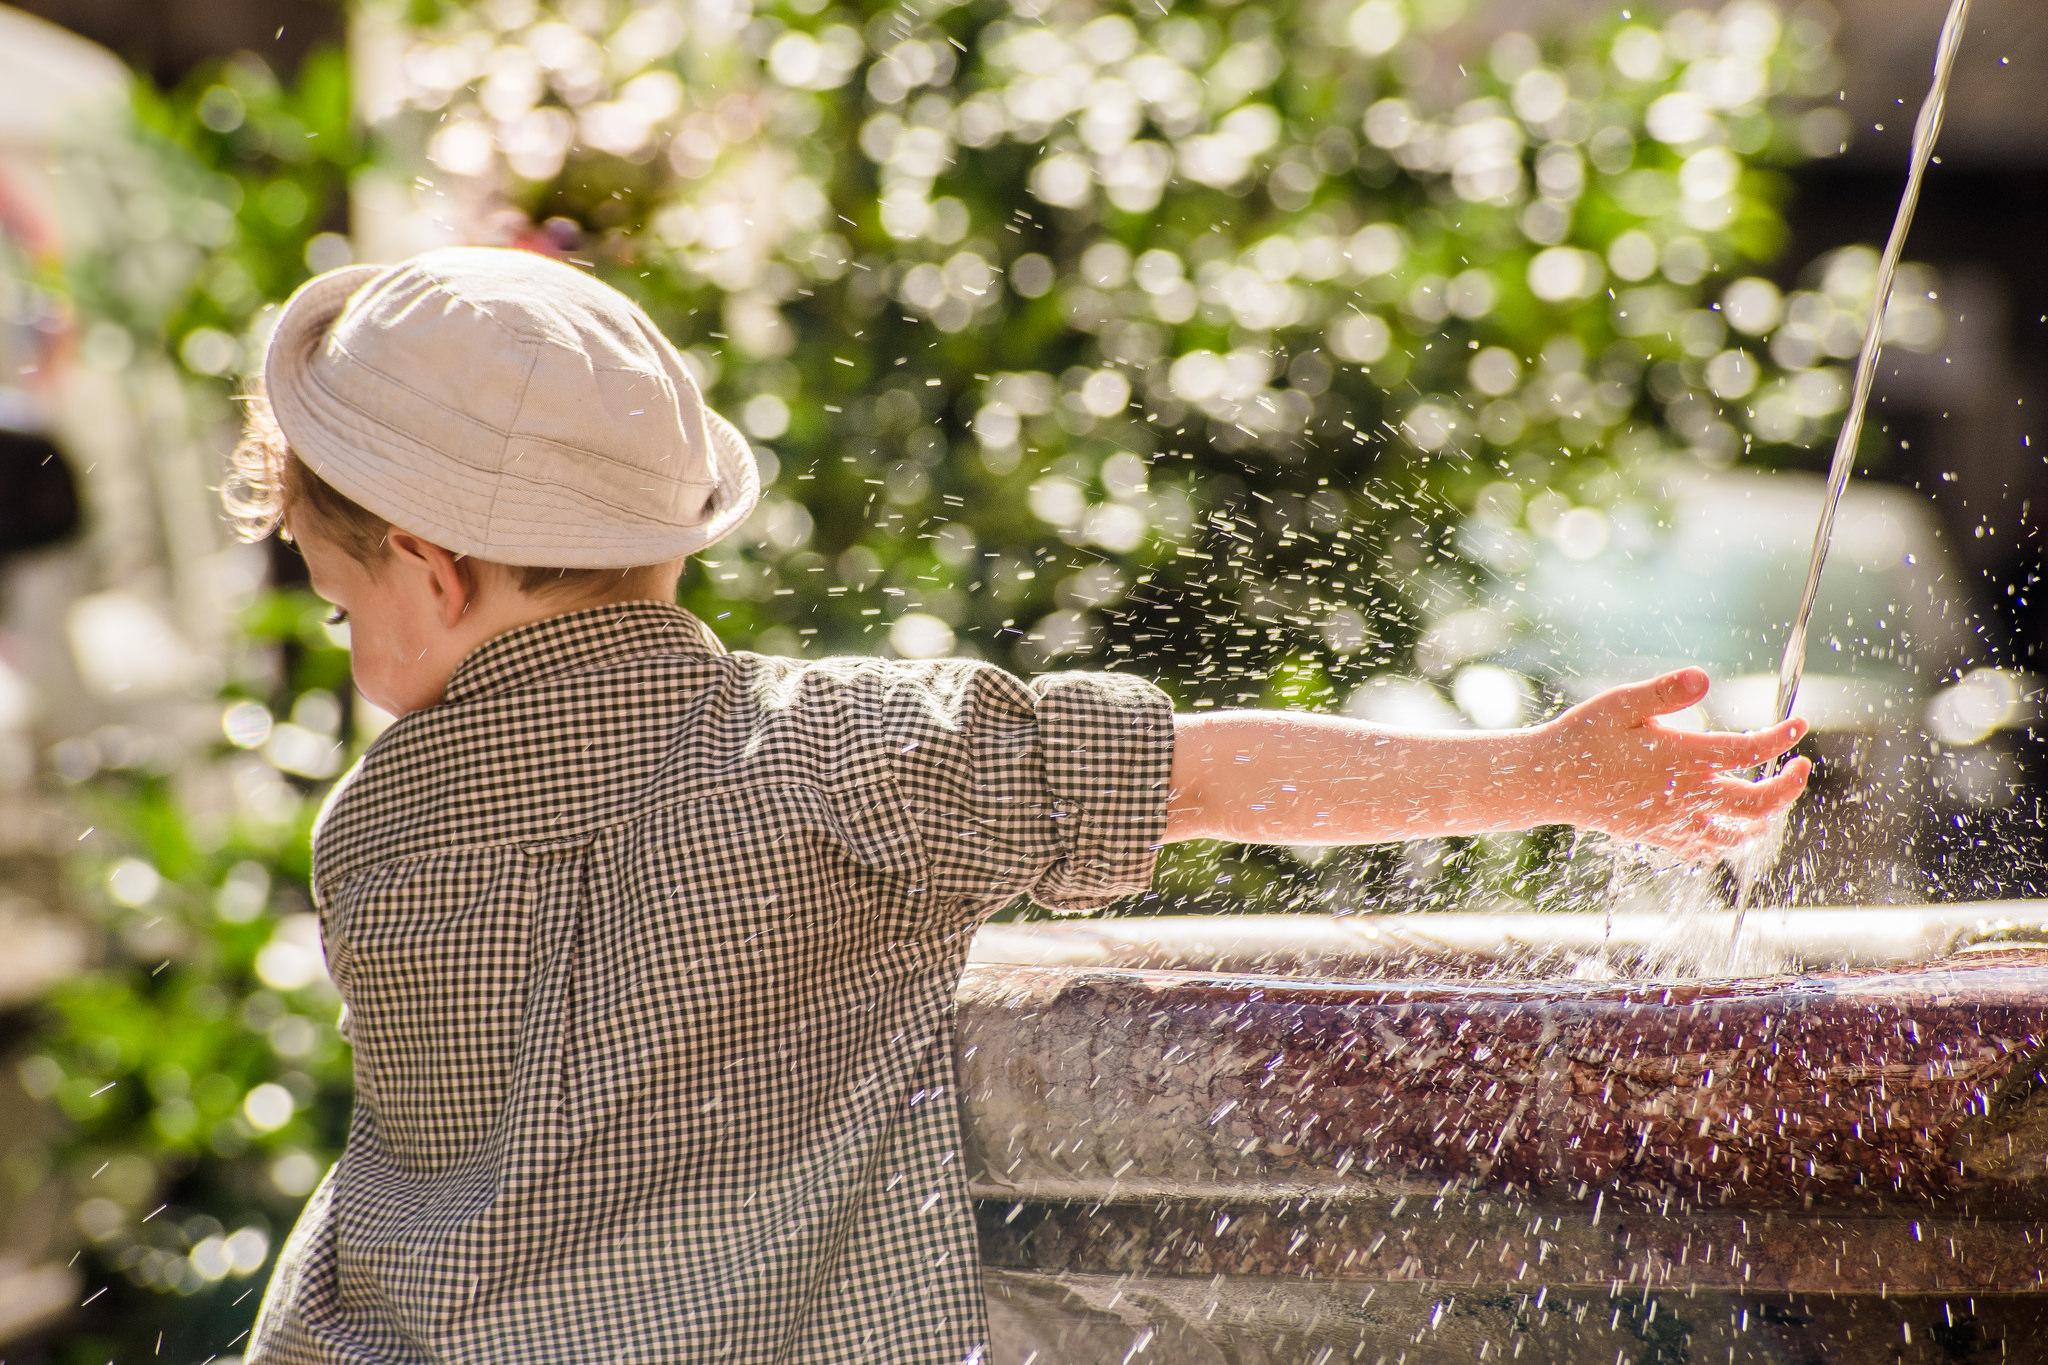 Etienne Regis Photographe à Toulouse, toulouse, lyon, fontaine, fountain, kid, water, eau, water, enfant, reflexion, game, natural light, extérieur, lumière naturelle